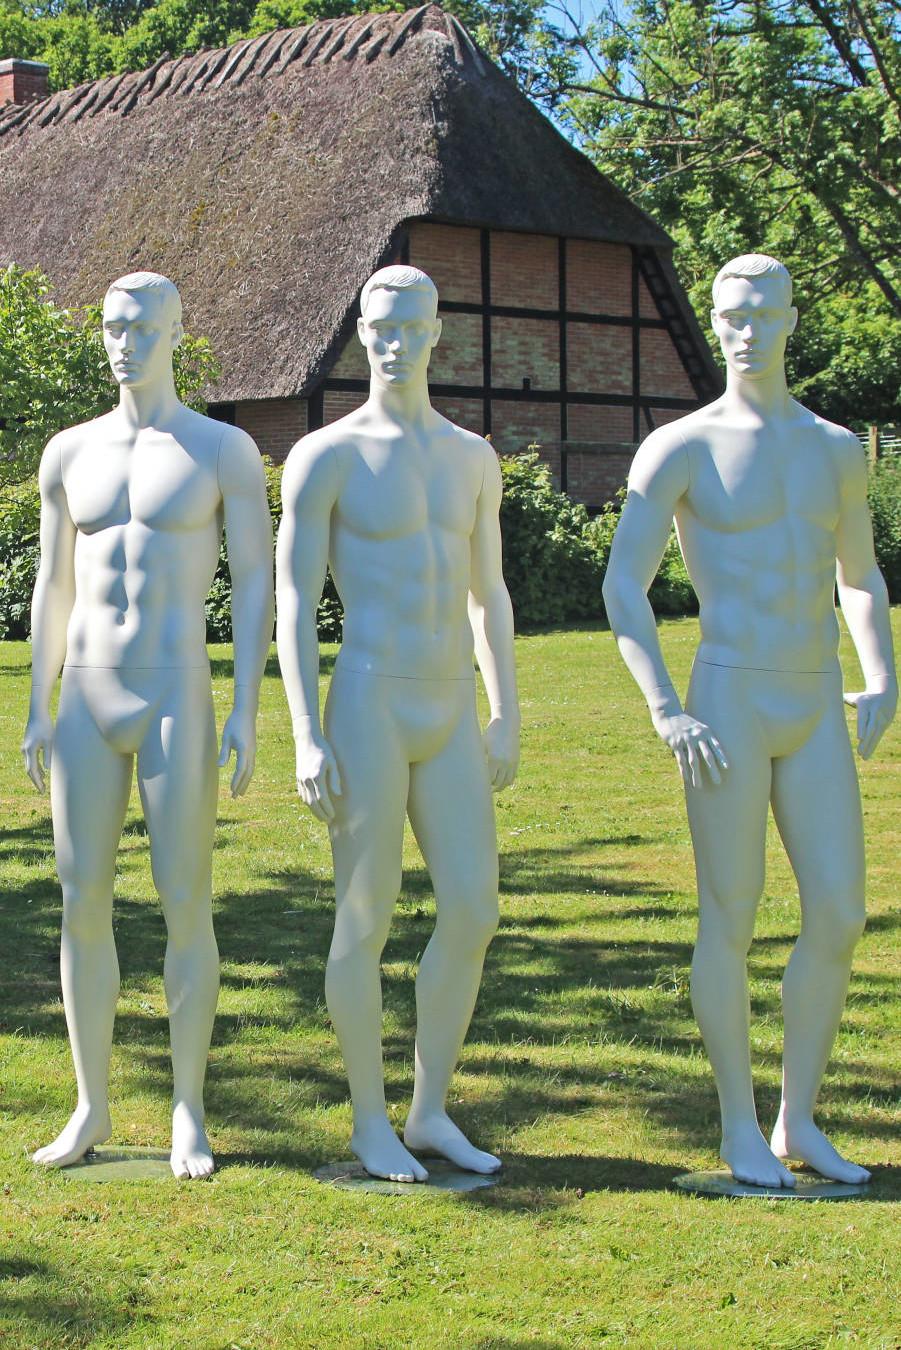 Herre mannequiner på landet